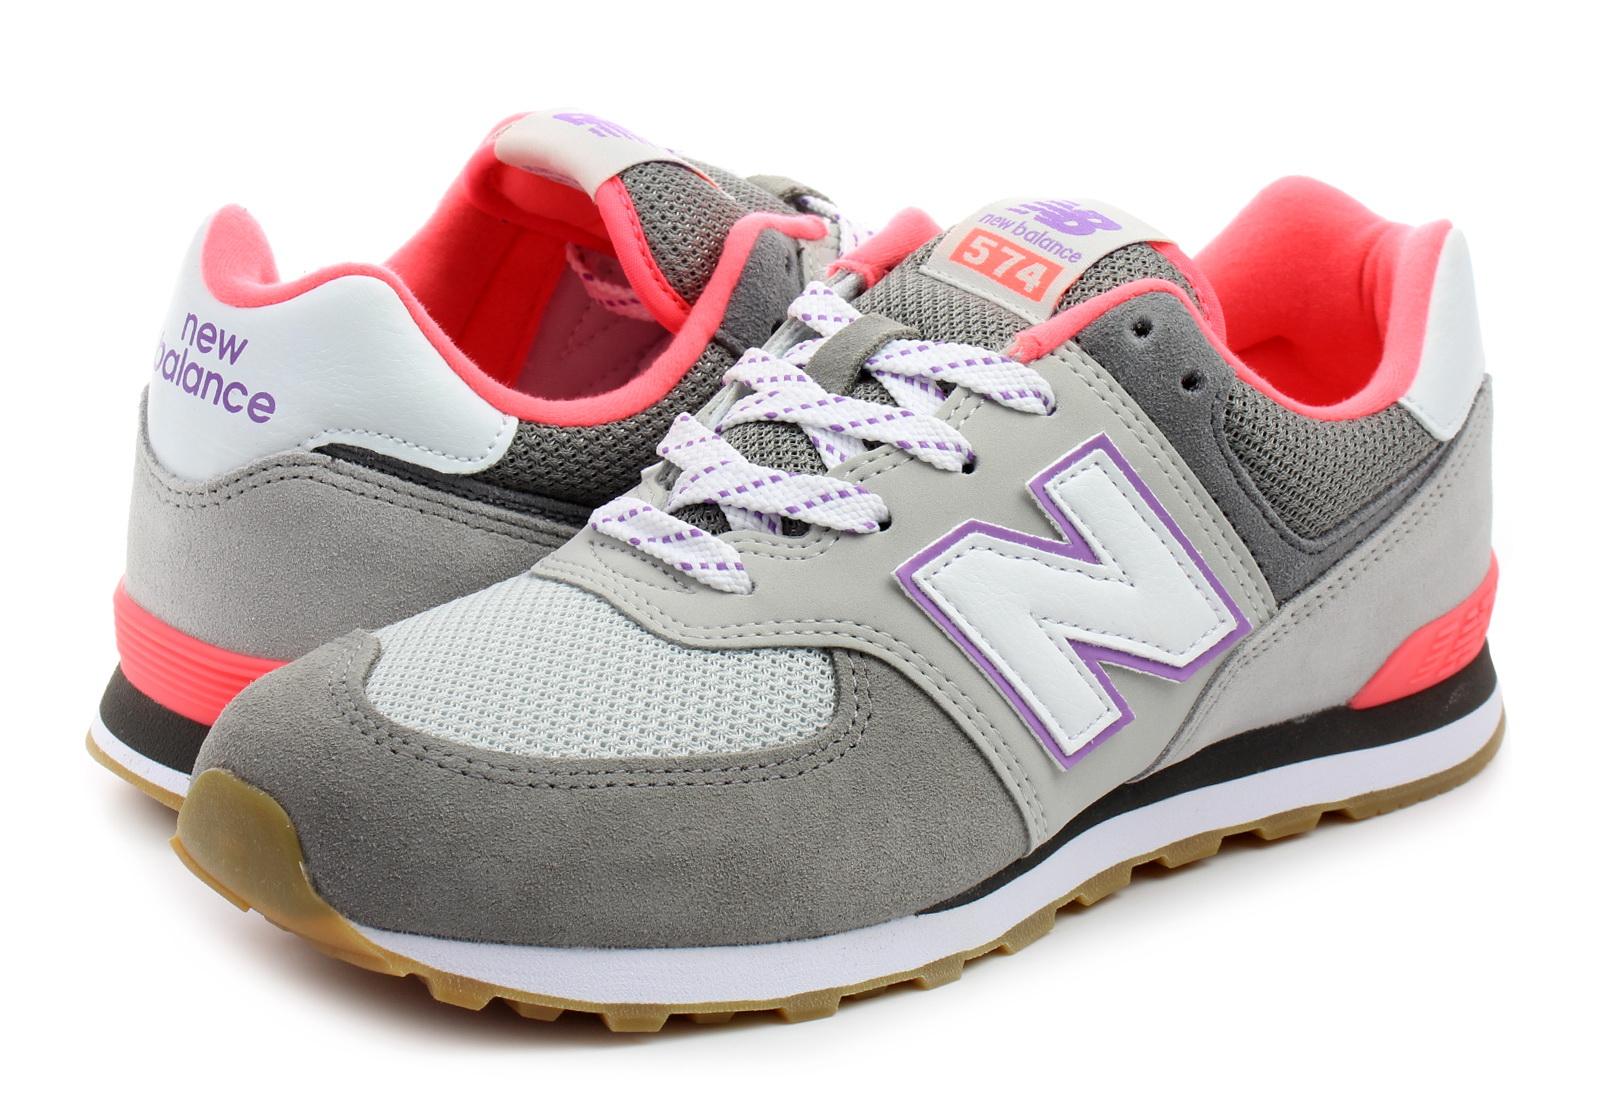 New Balance Čevlji Gc574